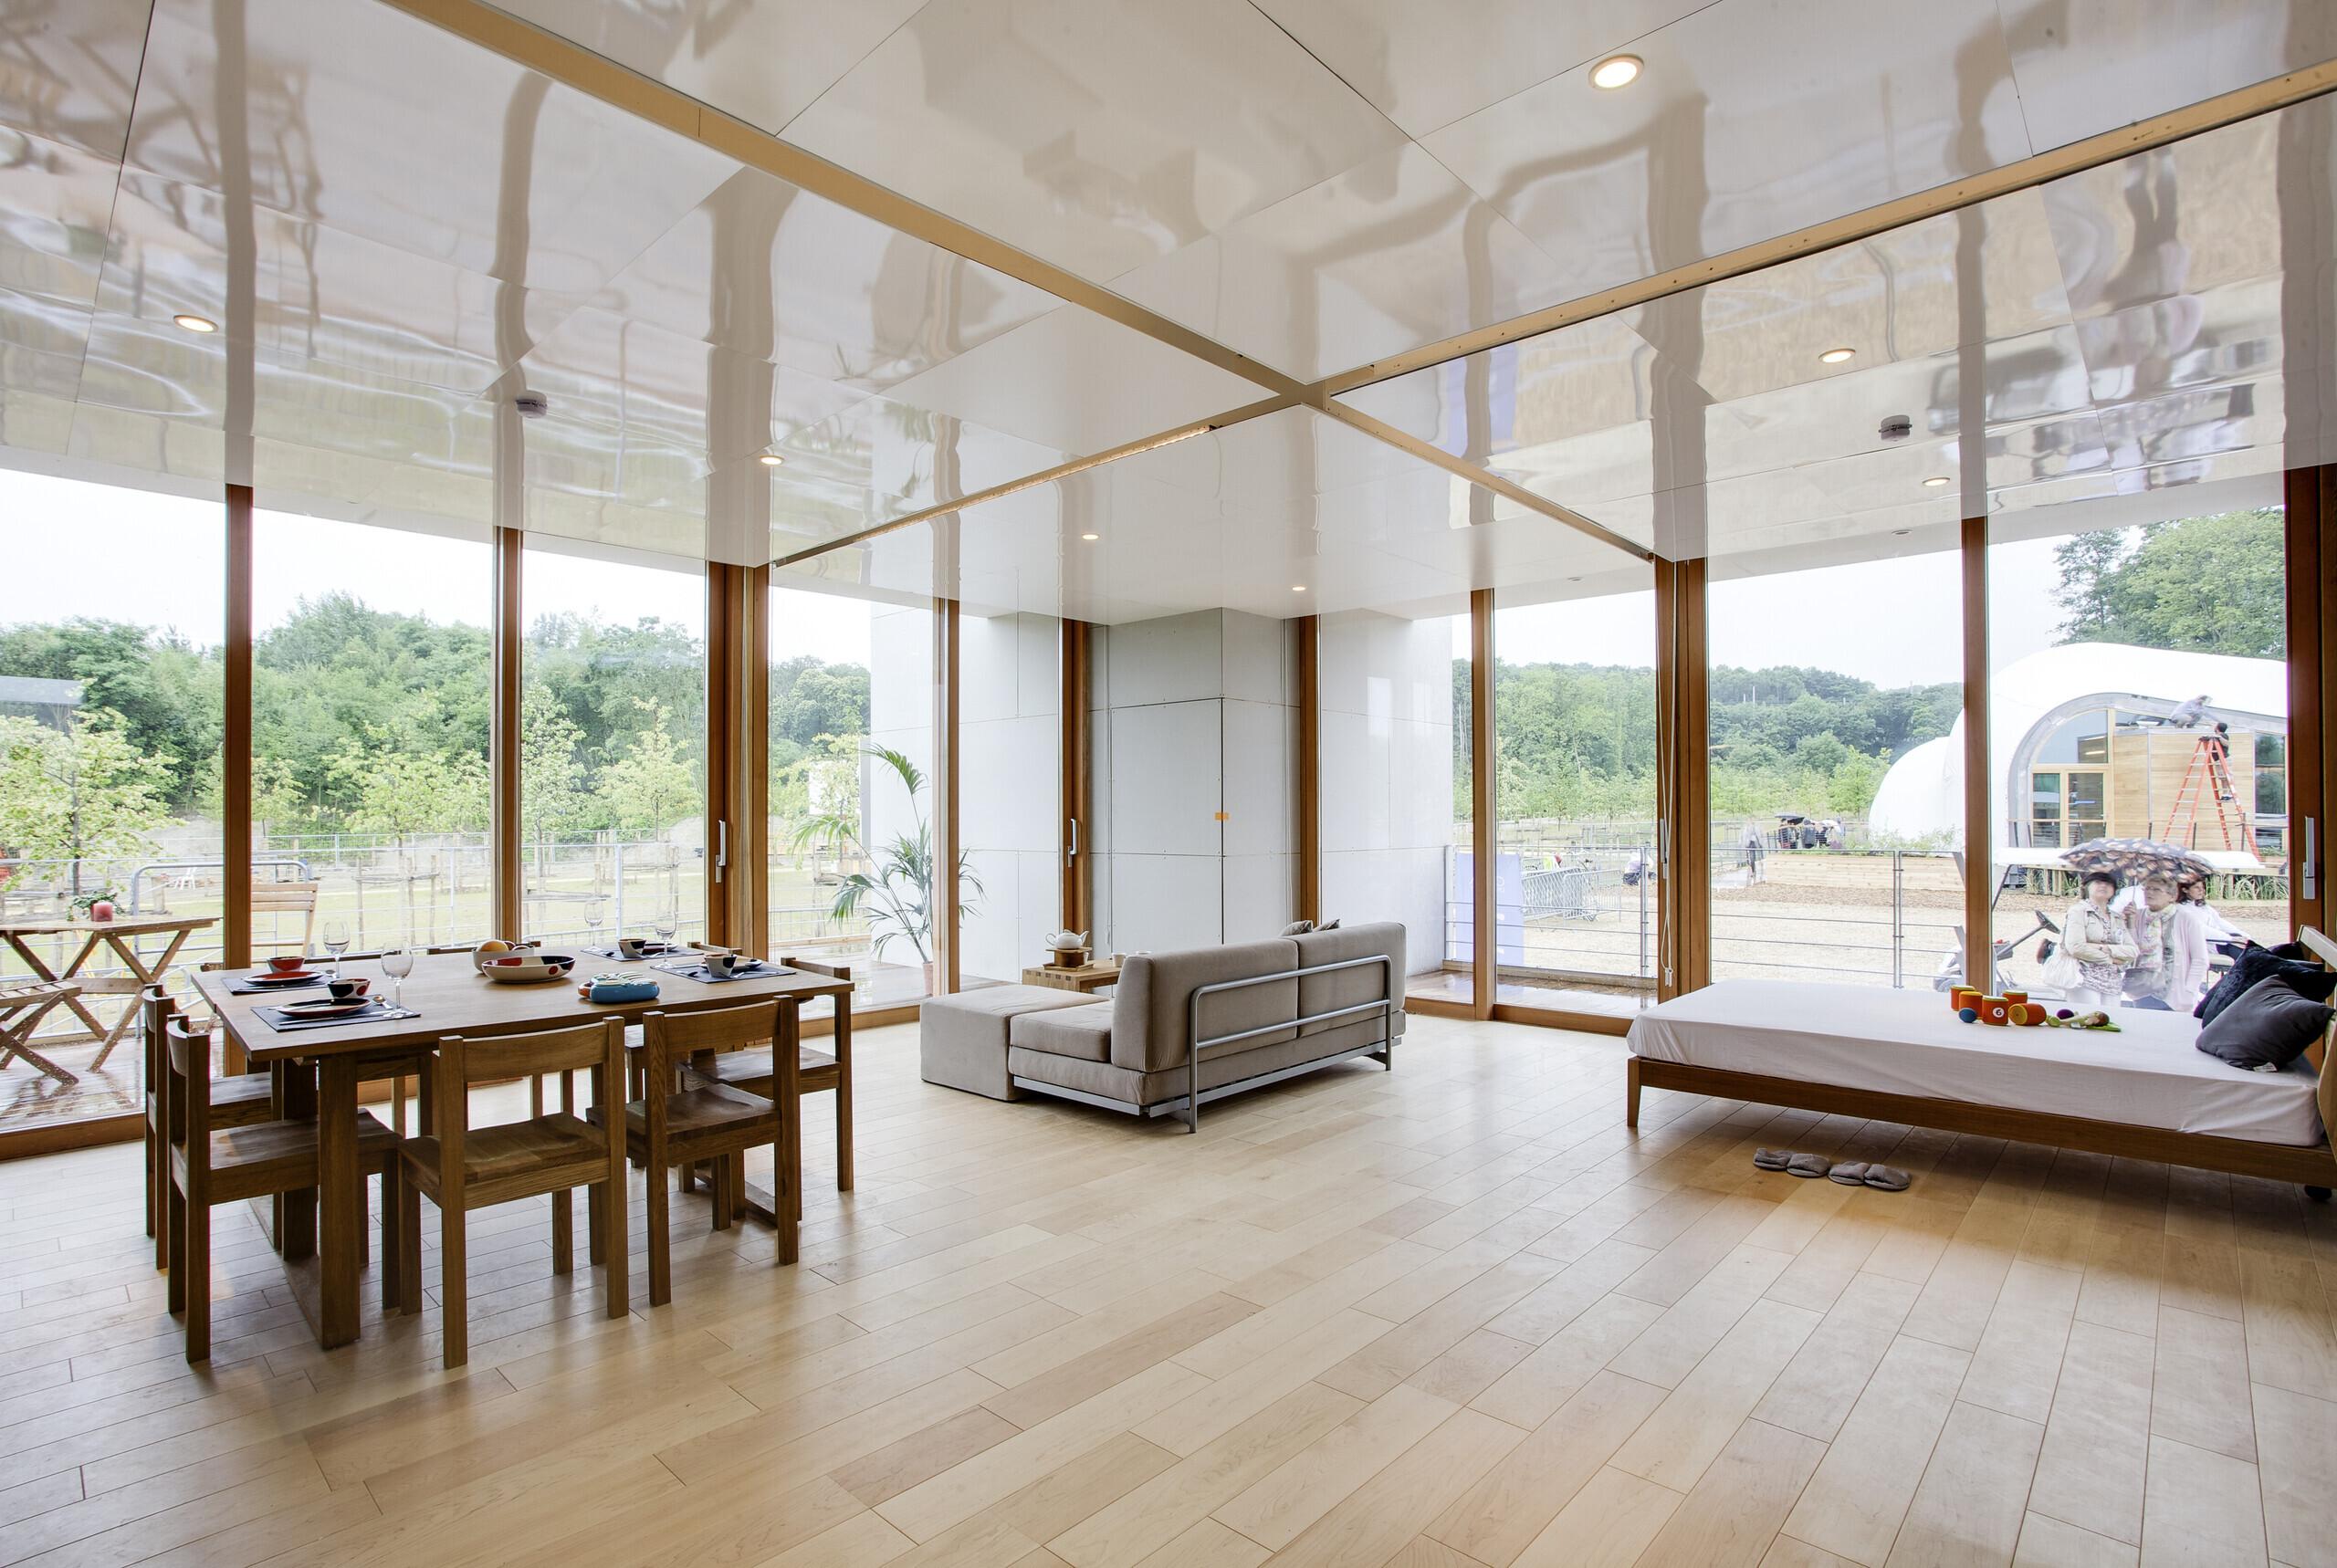 約45㎡の一室空間。 | 木造とは思えない開放的な家